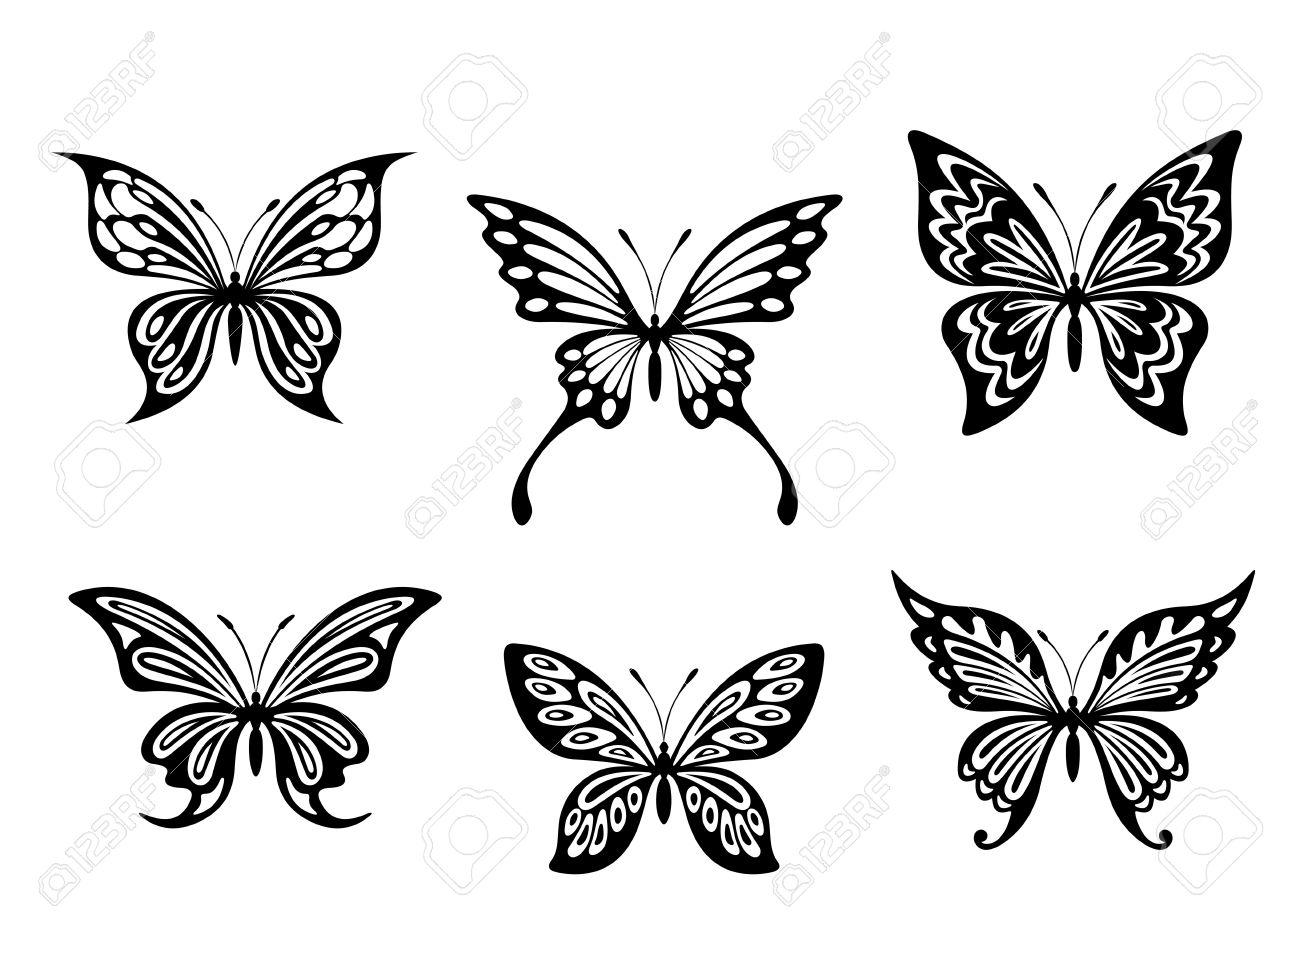 Schwarzer Schmetterling Tattoos Und Silhouetten Auf Weißem ...